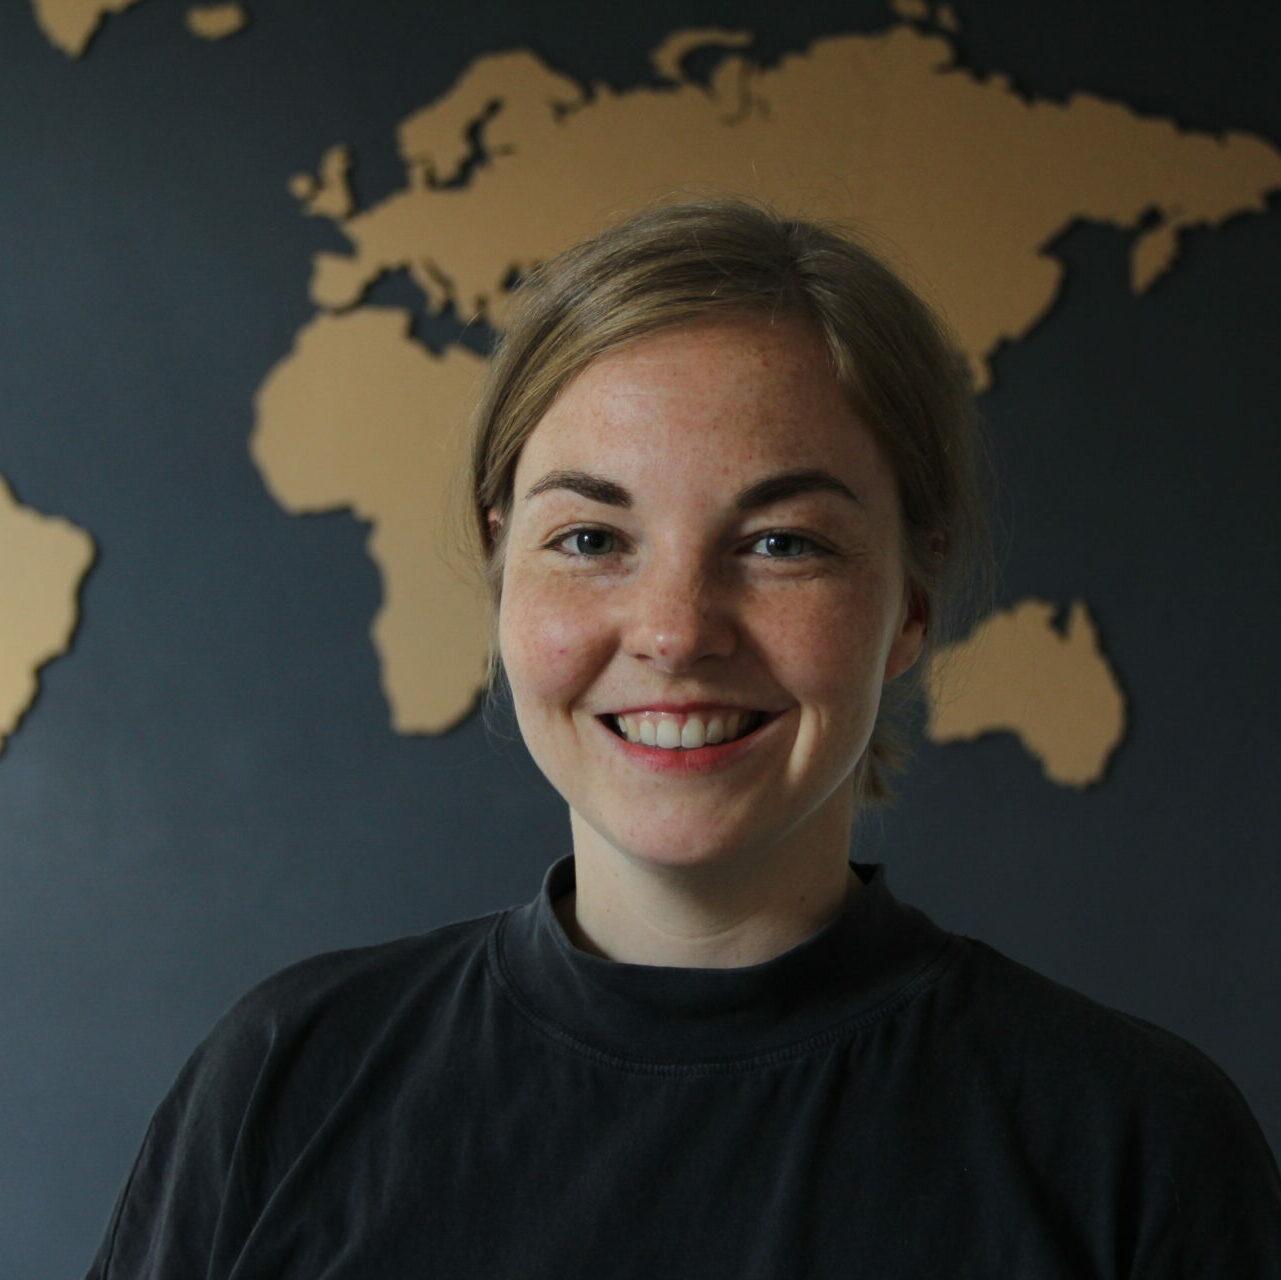 Lisa Riegert